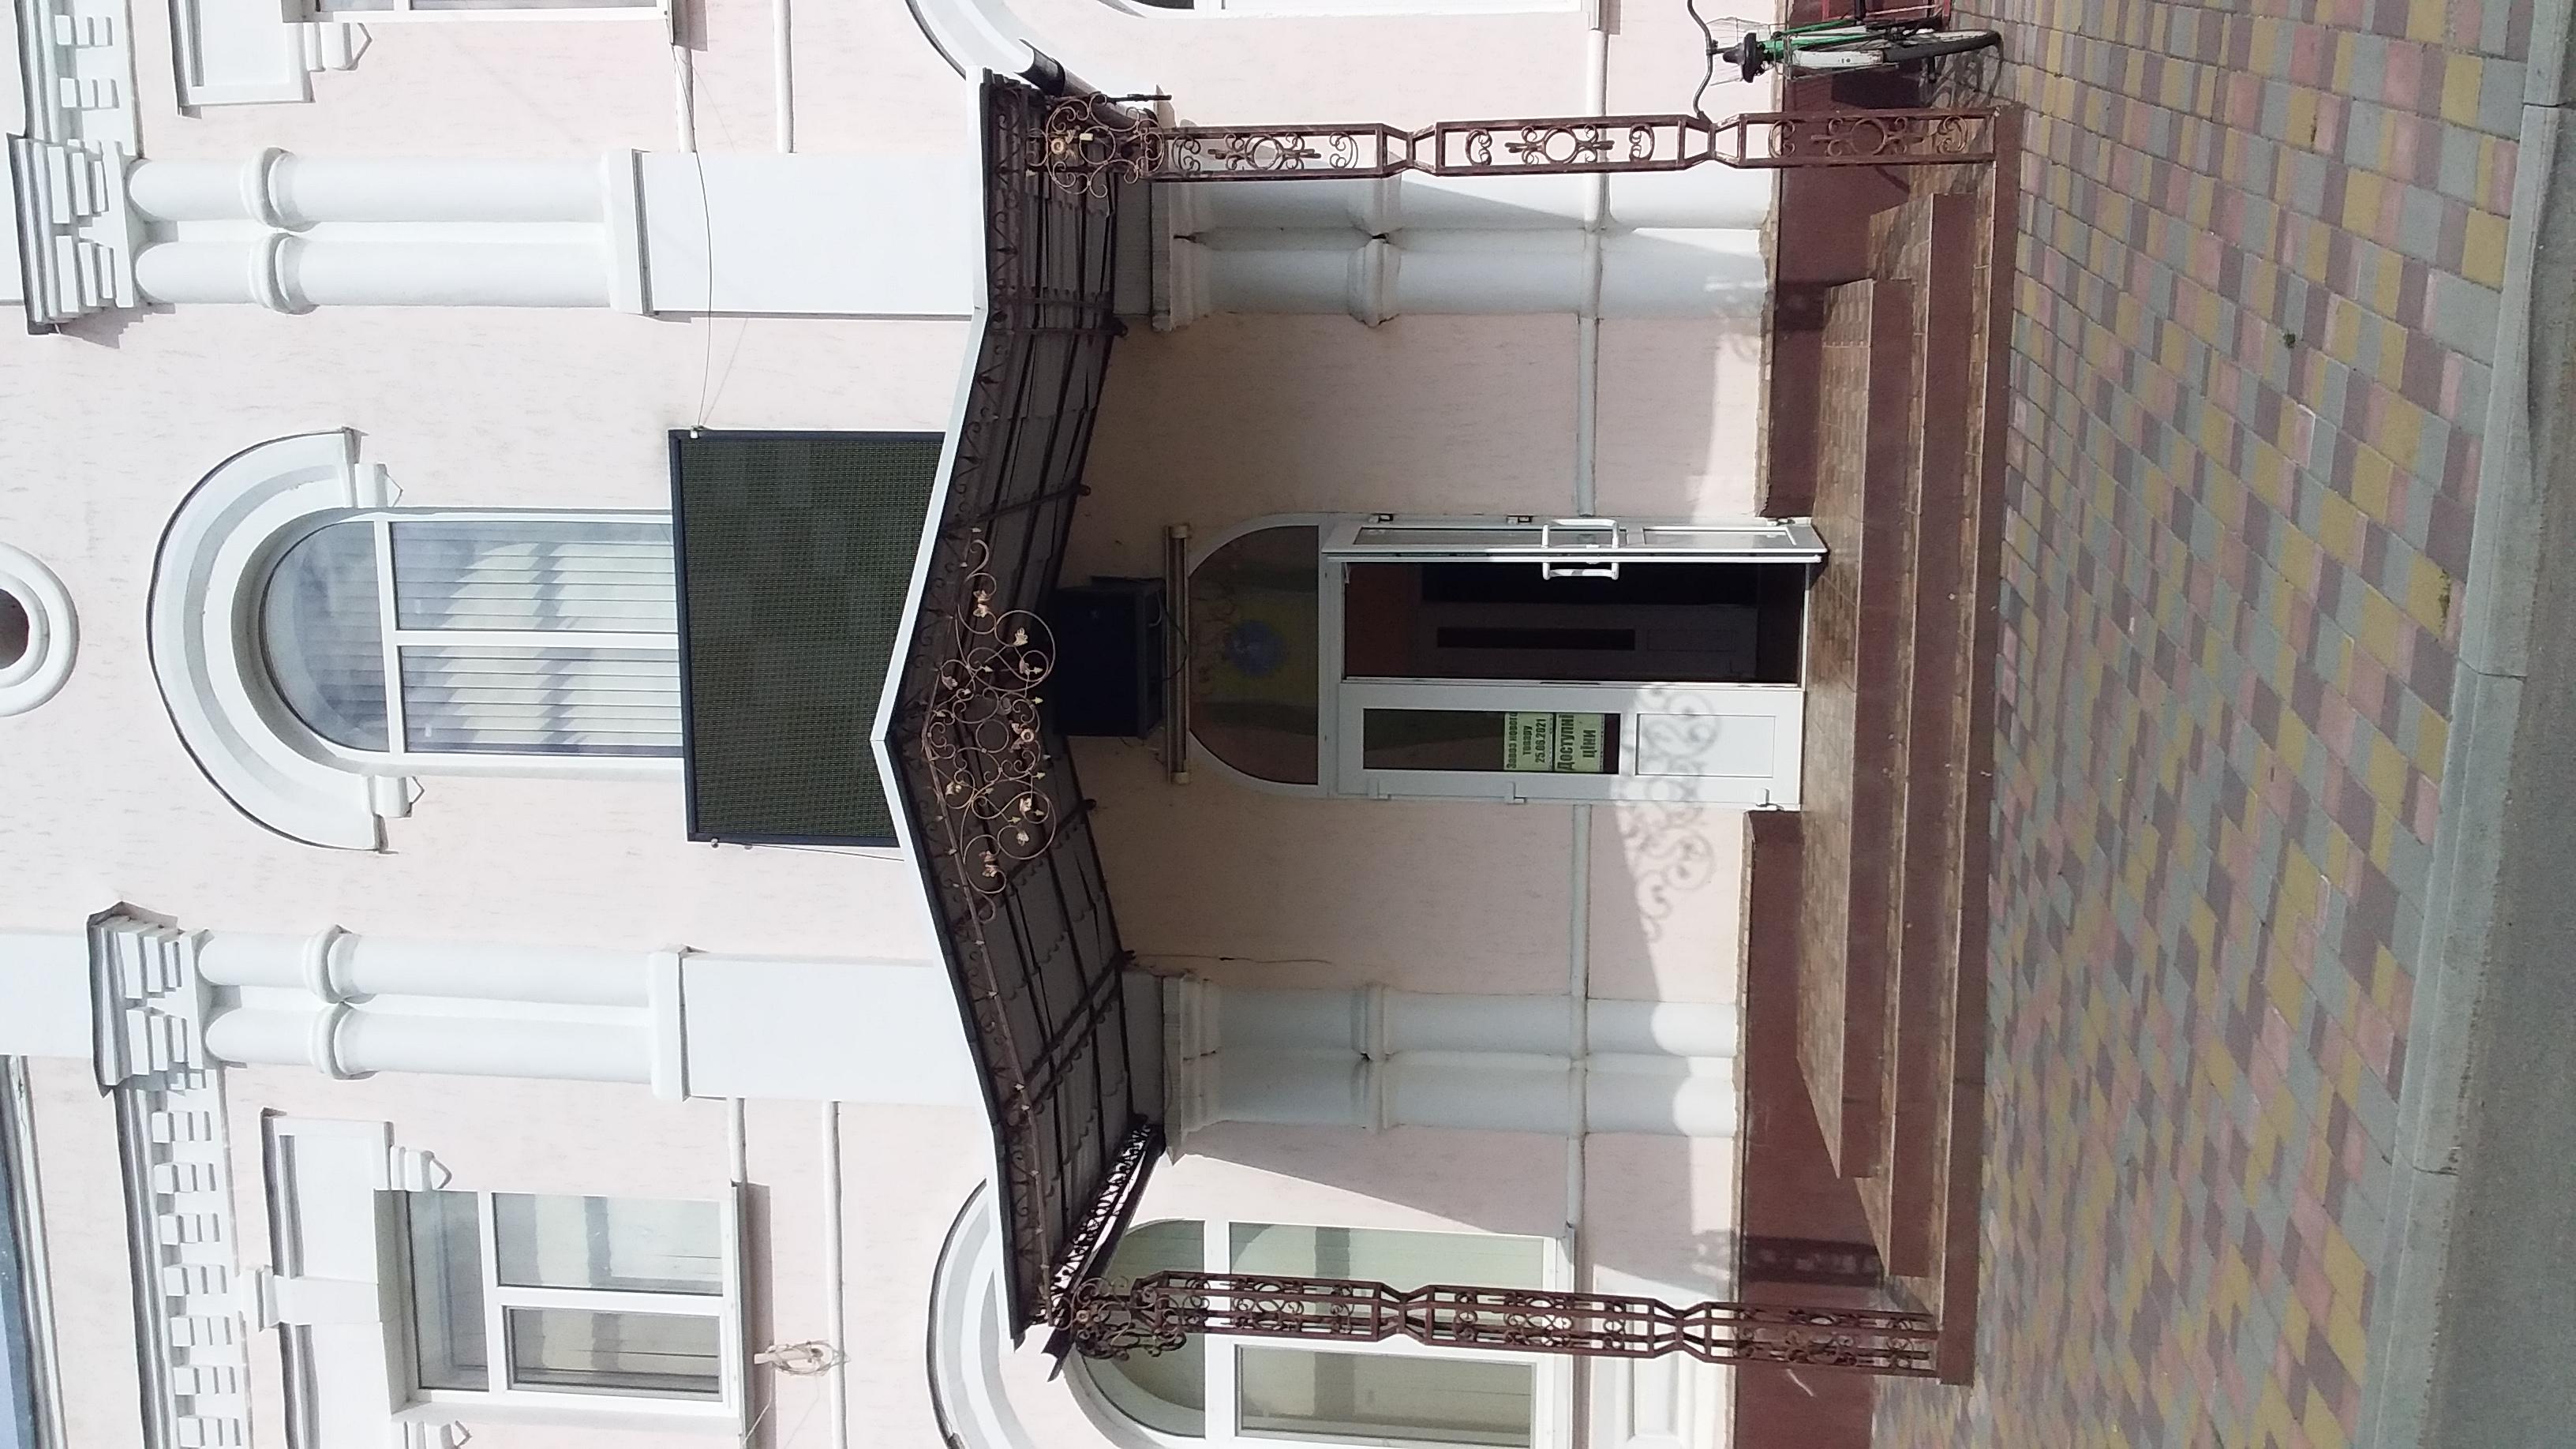 Проведення аукціону з передачі в оренду частини нежитлової адміністративної будівлі, дві кімнати загальною площею 23,28 м2, І поверх за адресою: вул. Соборна, 8, м. Шпола, Черкаської області